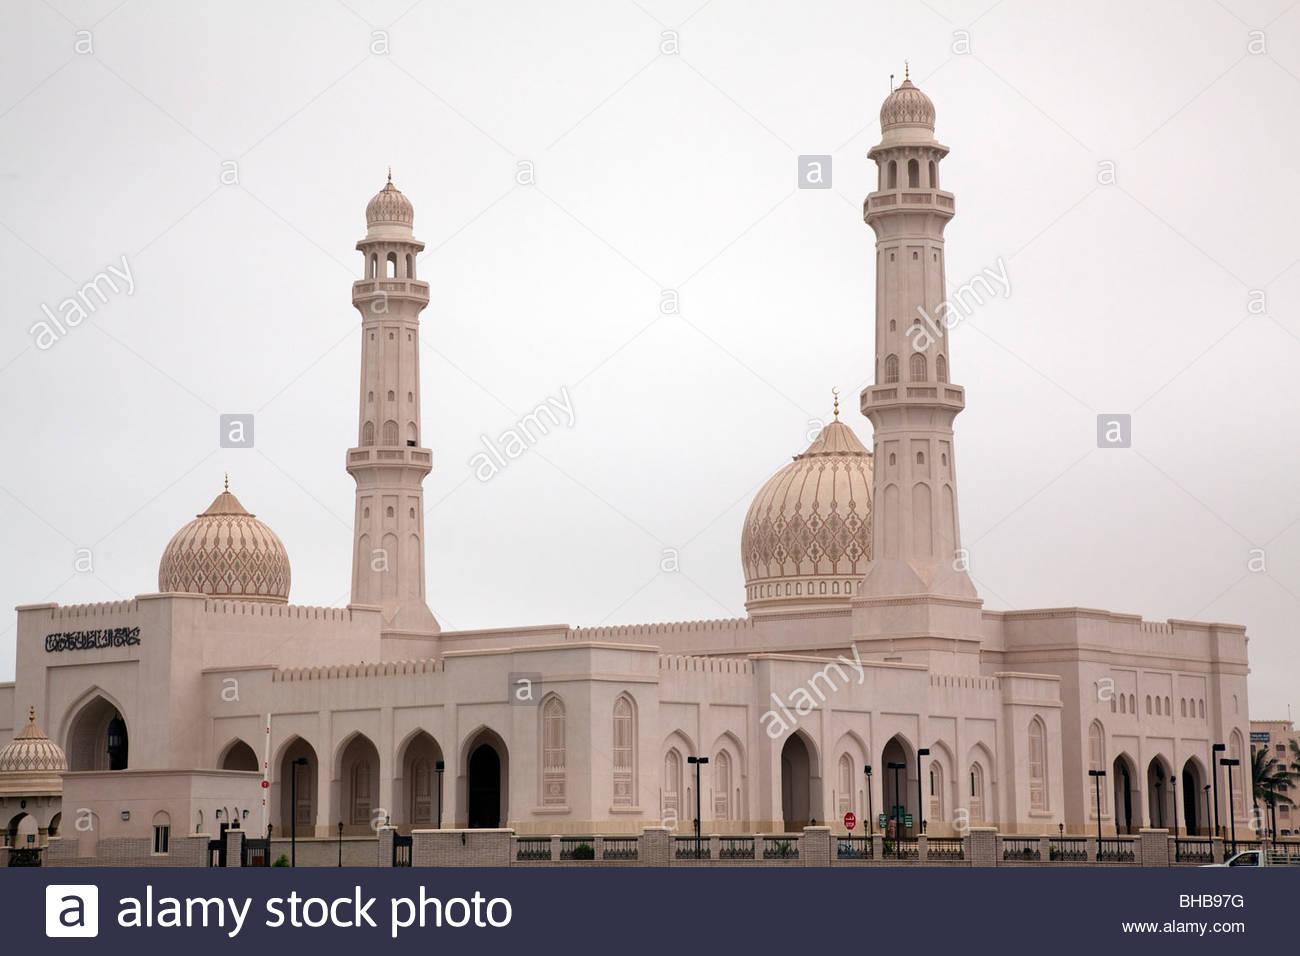 arab arabian Arabian Peninsula Asia Dhofar islam; islamic khareef season; wet season monsoon; rainfall mosque Oman - Stock Image